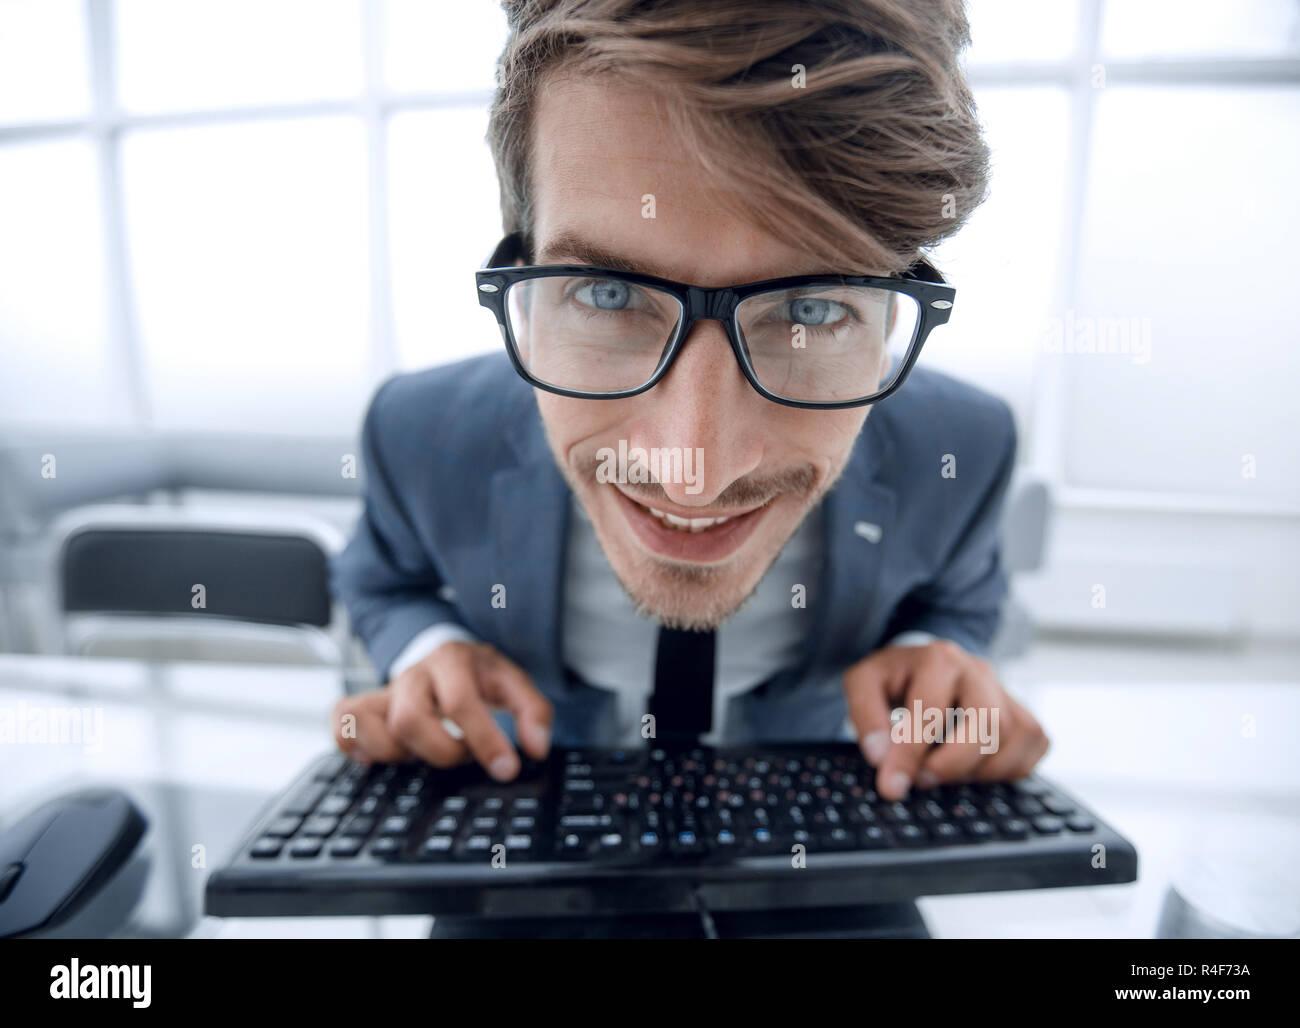 Crazy busca hombre escribiendo en el teclado Imagen De Stock